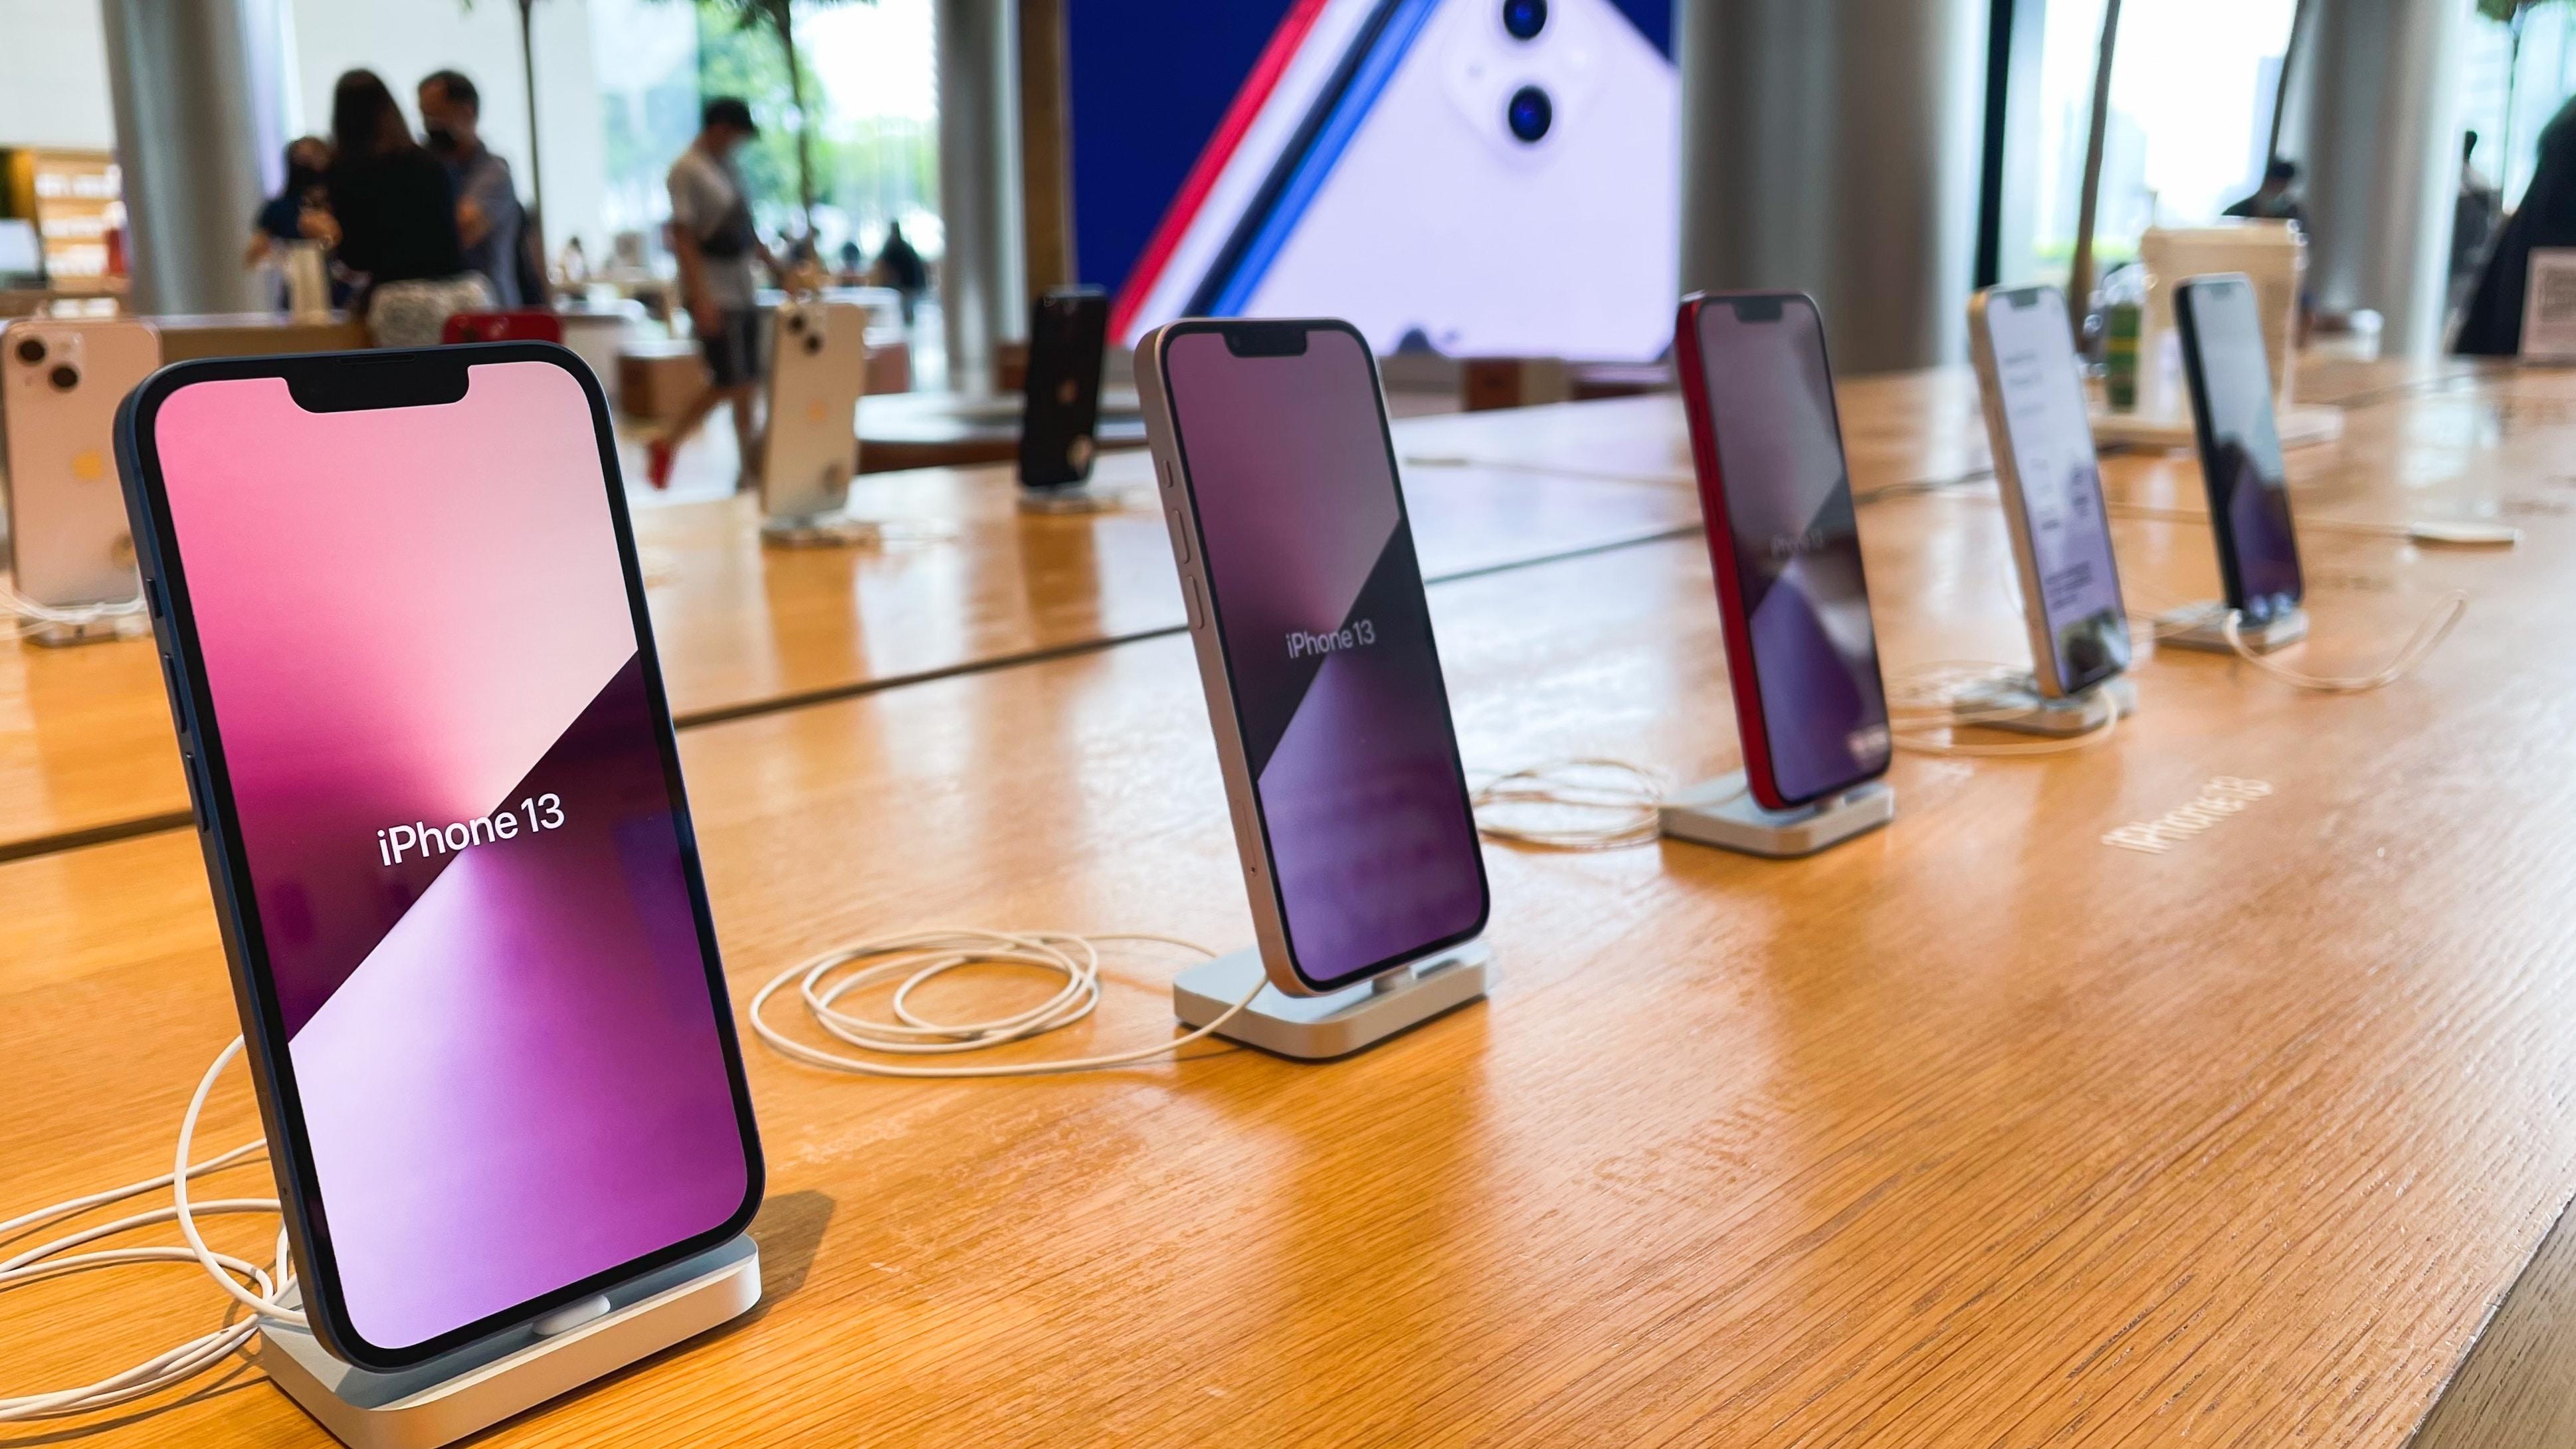 iPhones 13 à venda em Apple Store na Tailândia